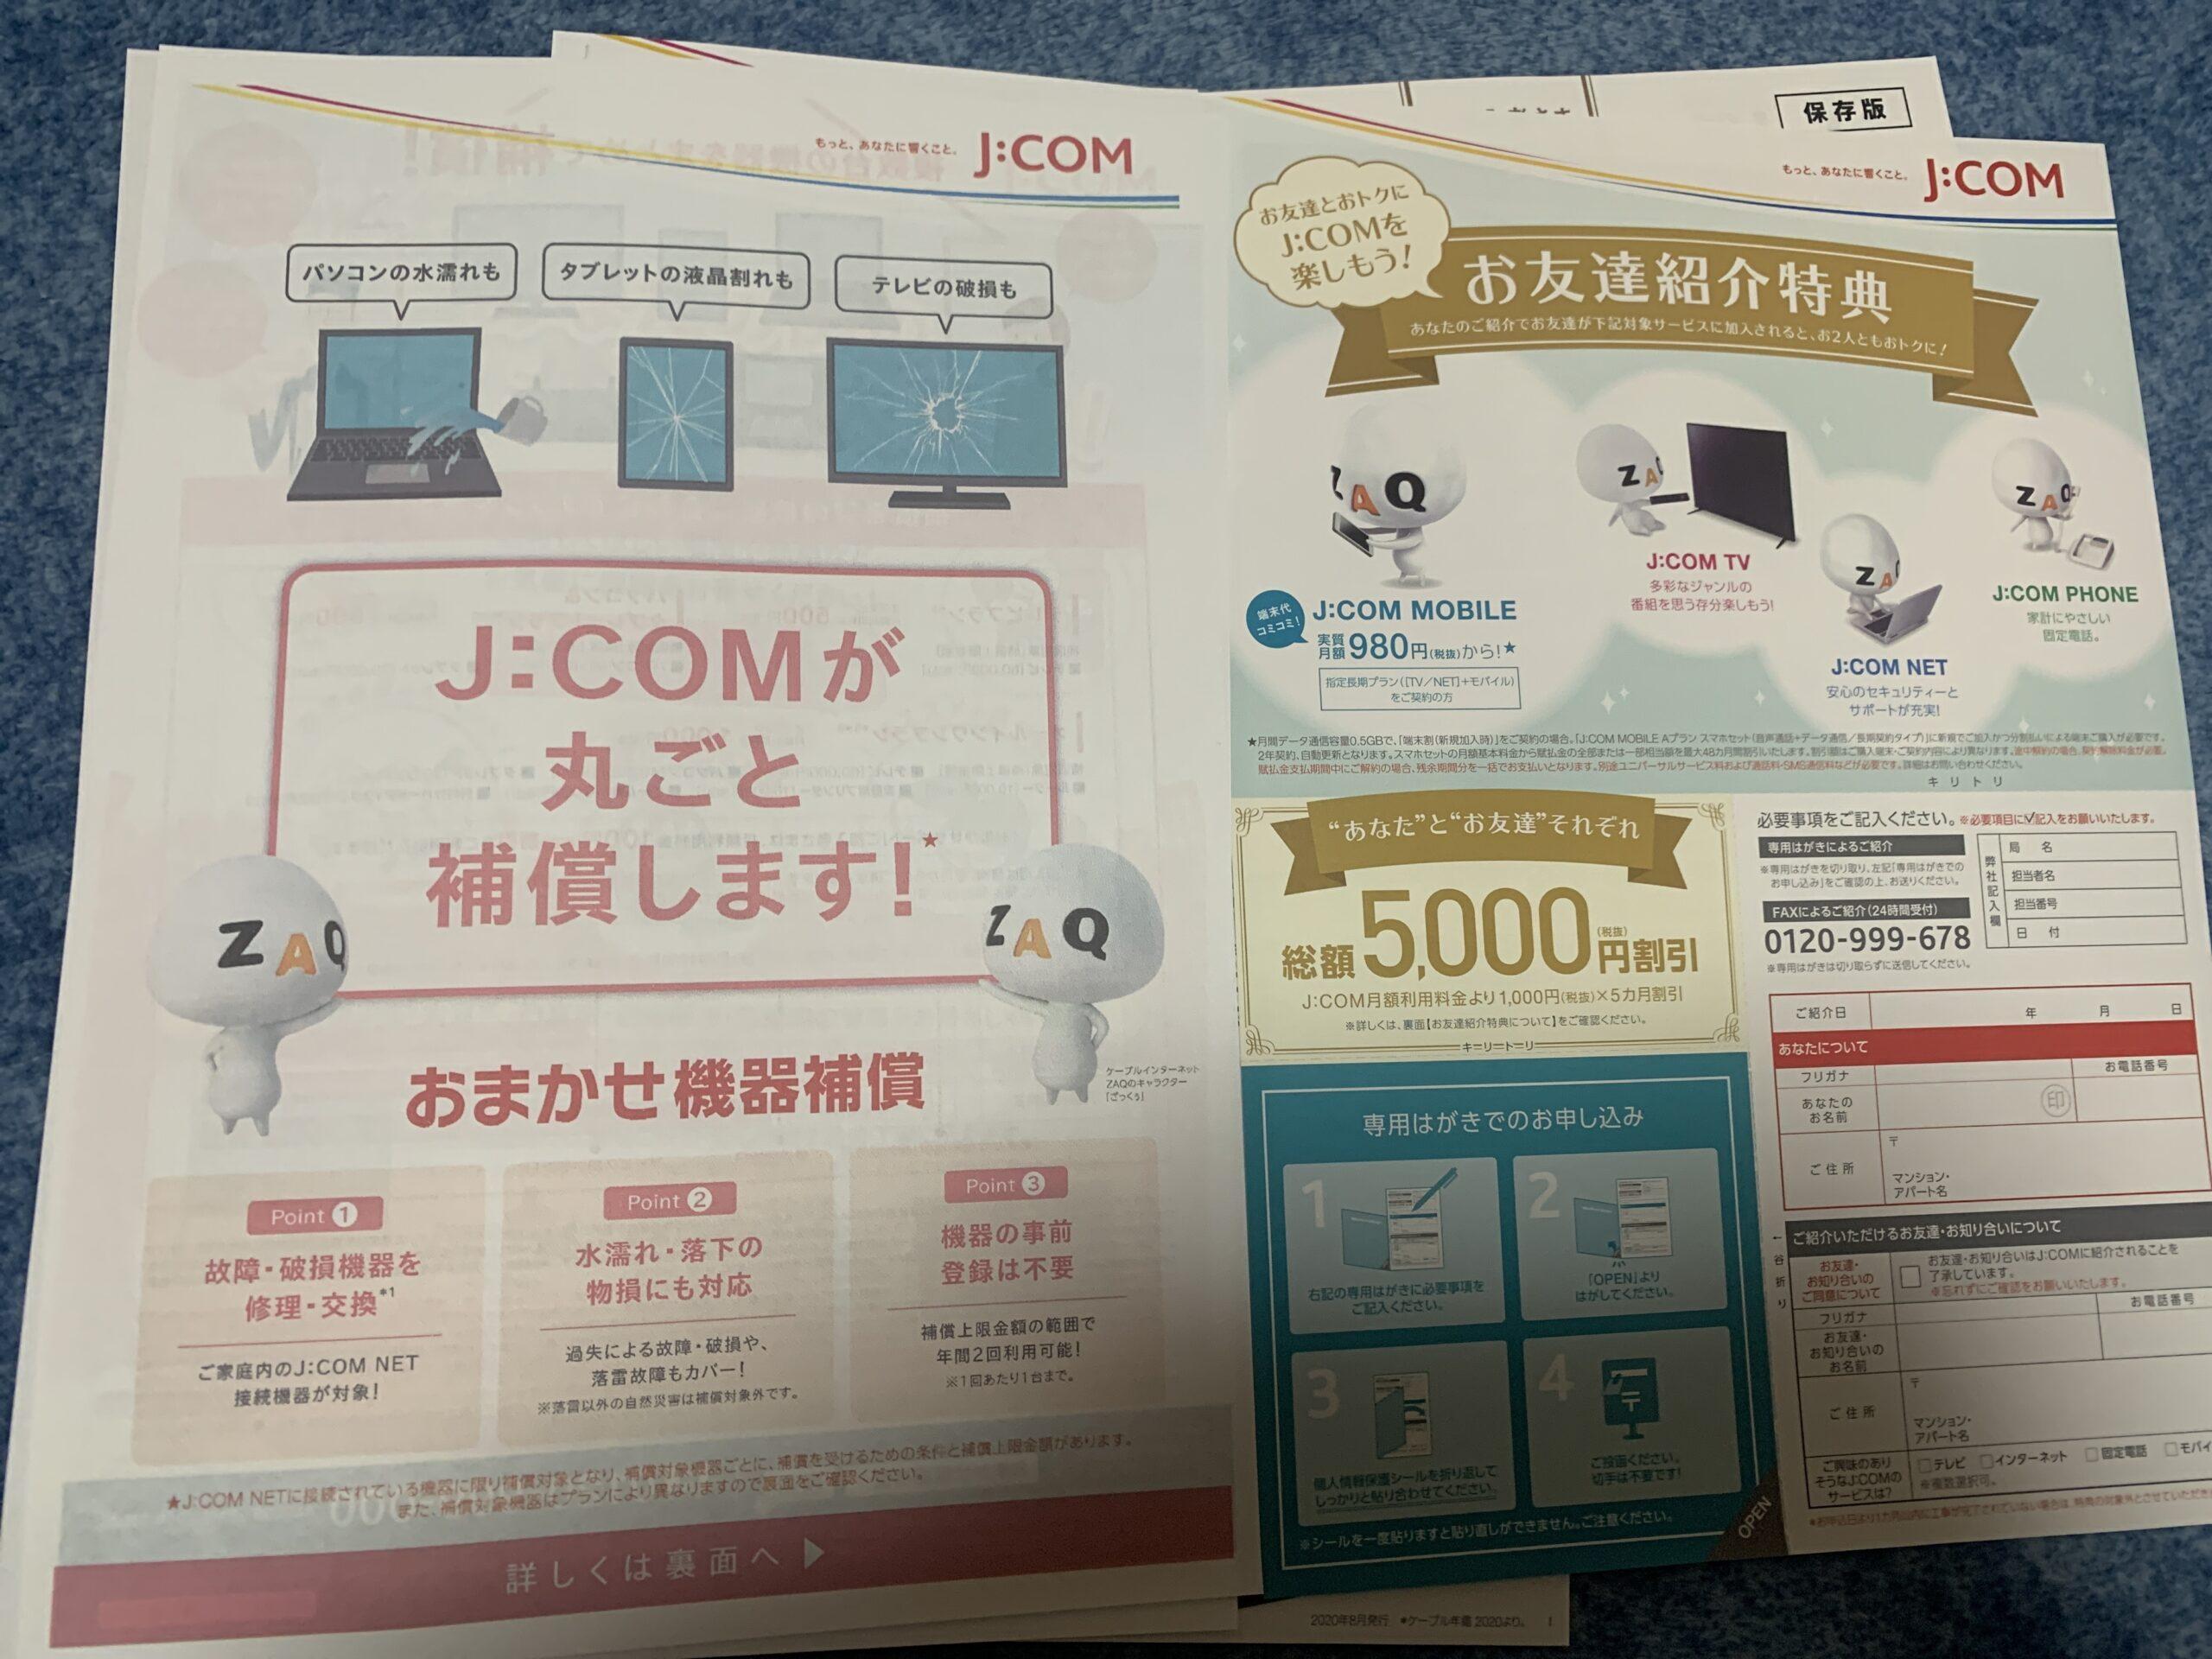 JCOMのパンフレット1